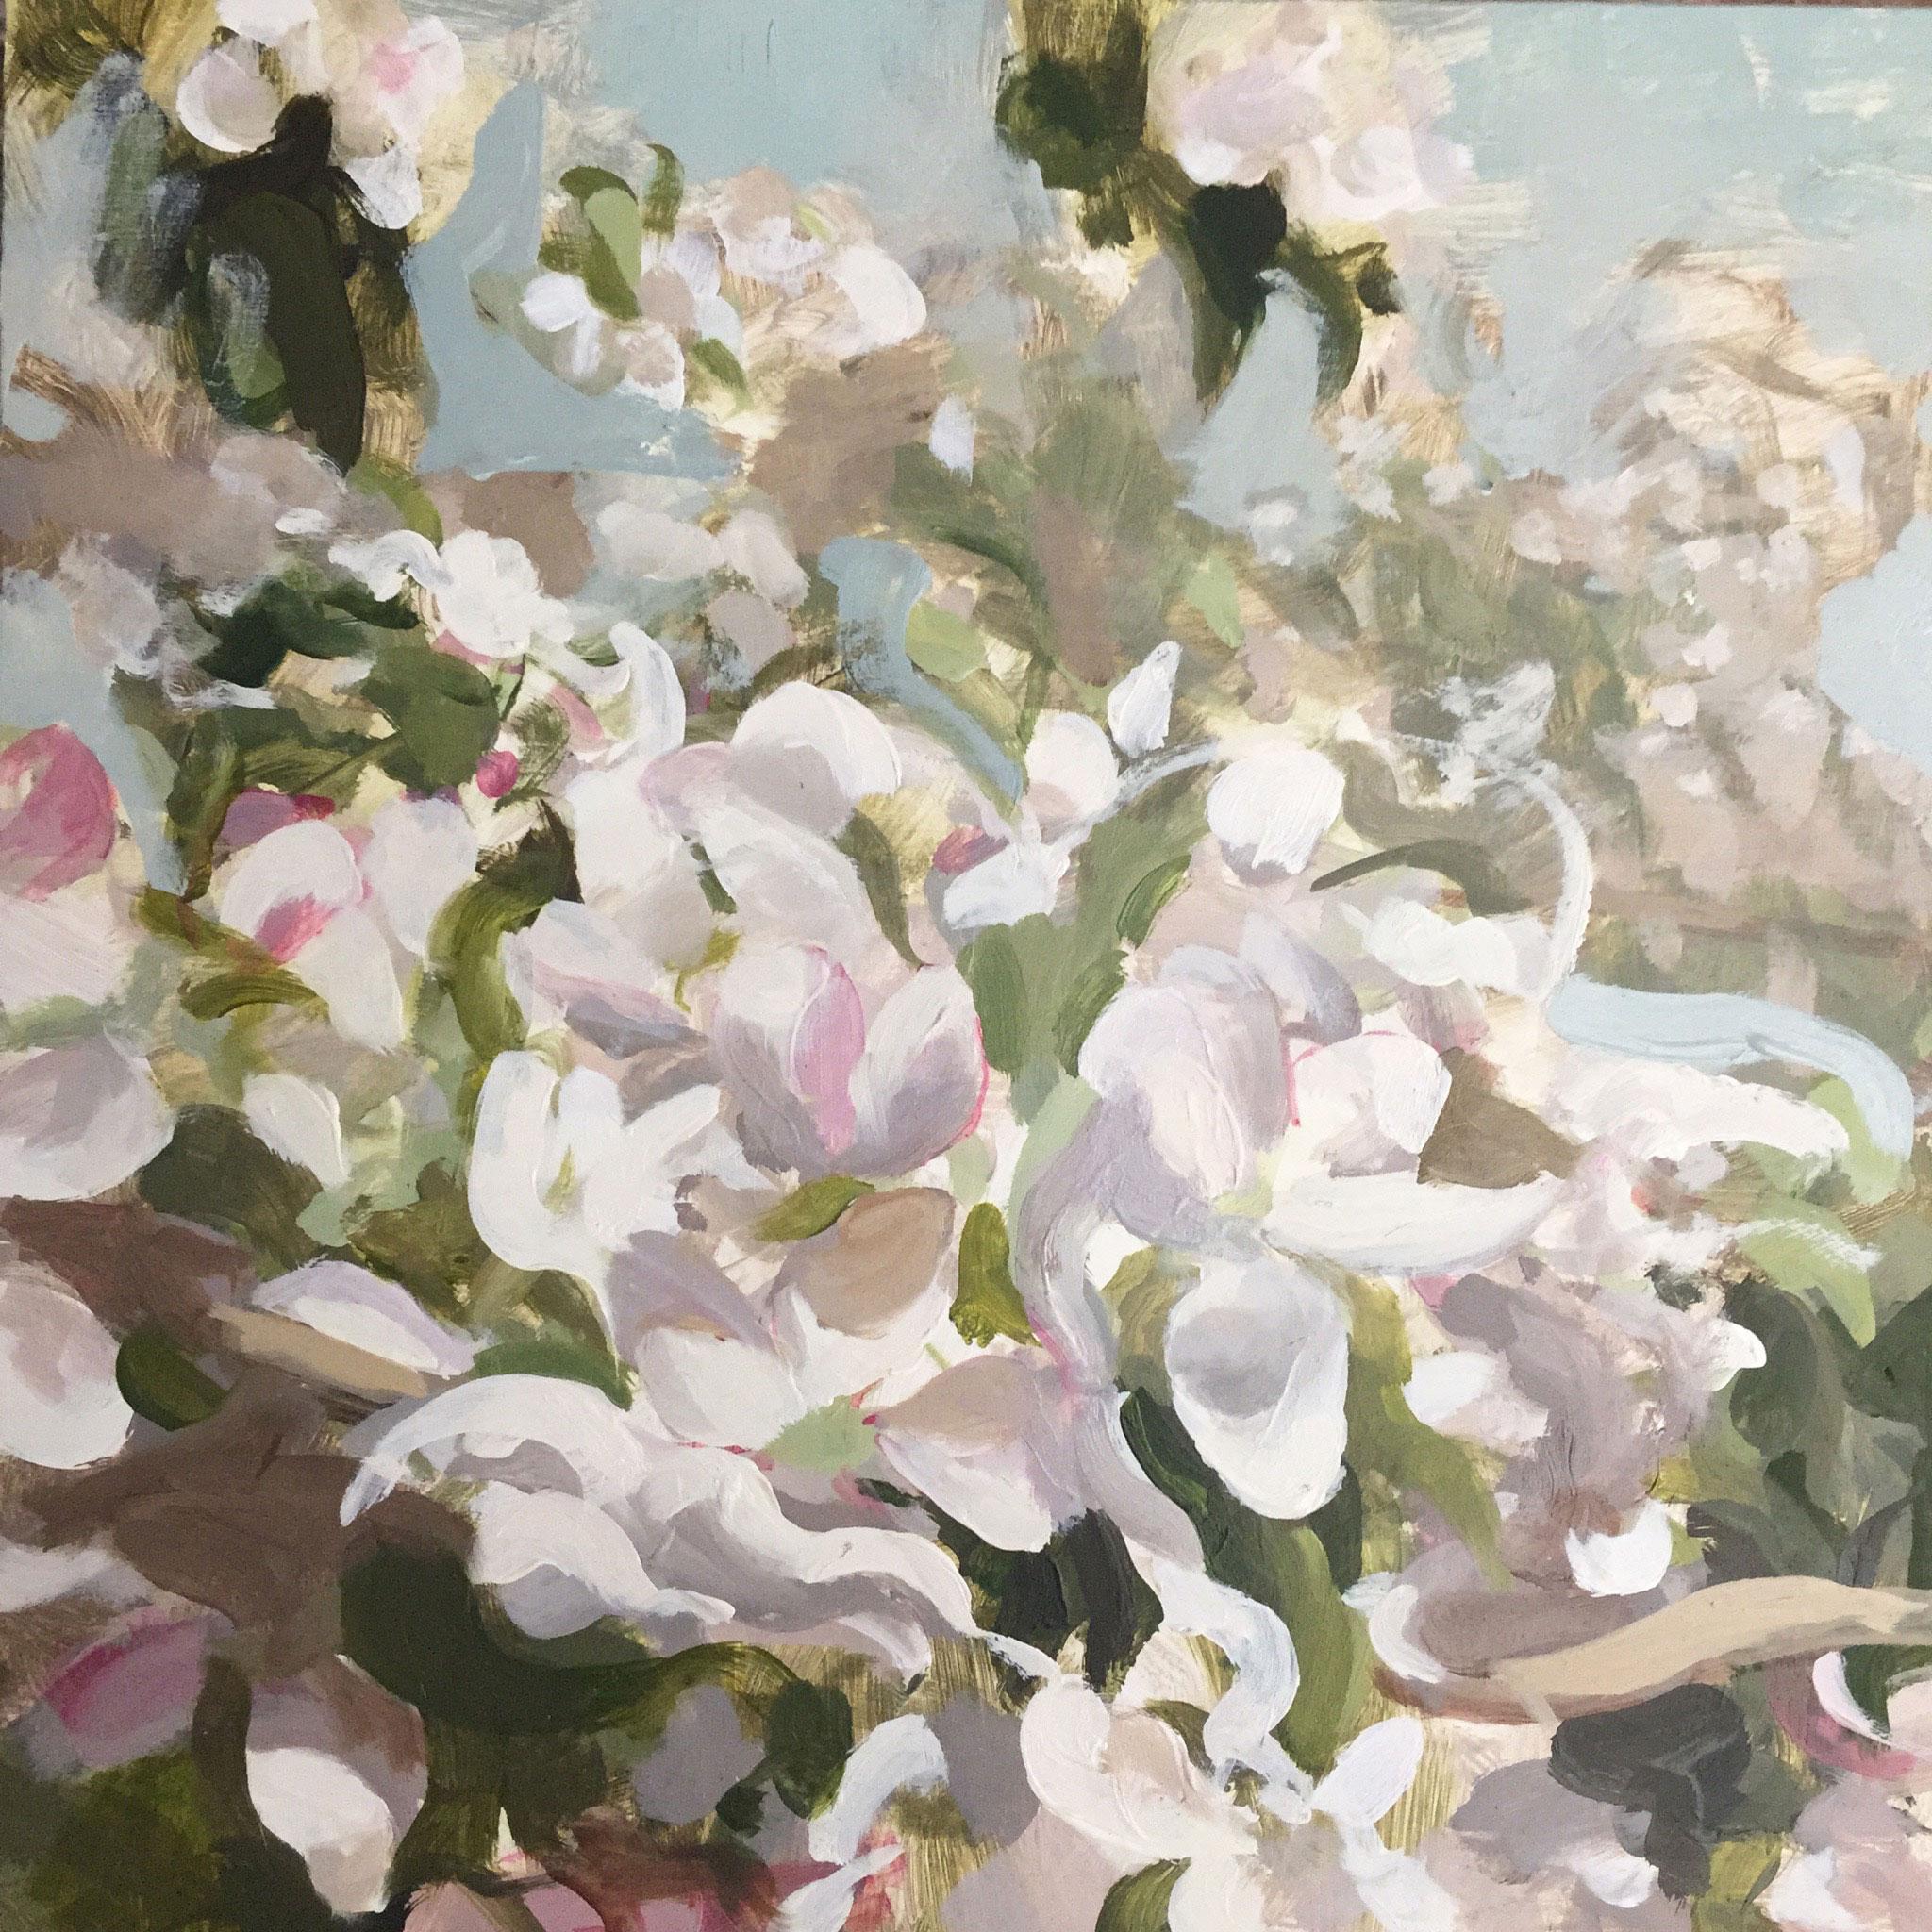 mark-crensahw-1515-apple-blossom.jpg